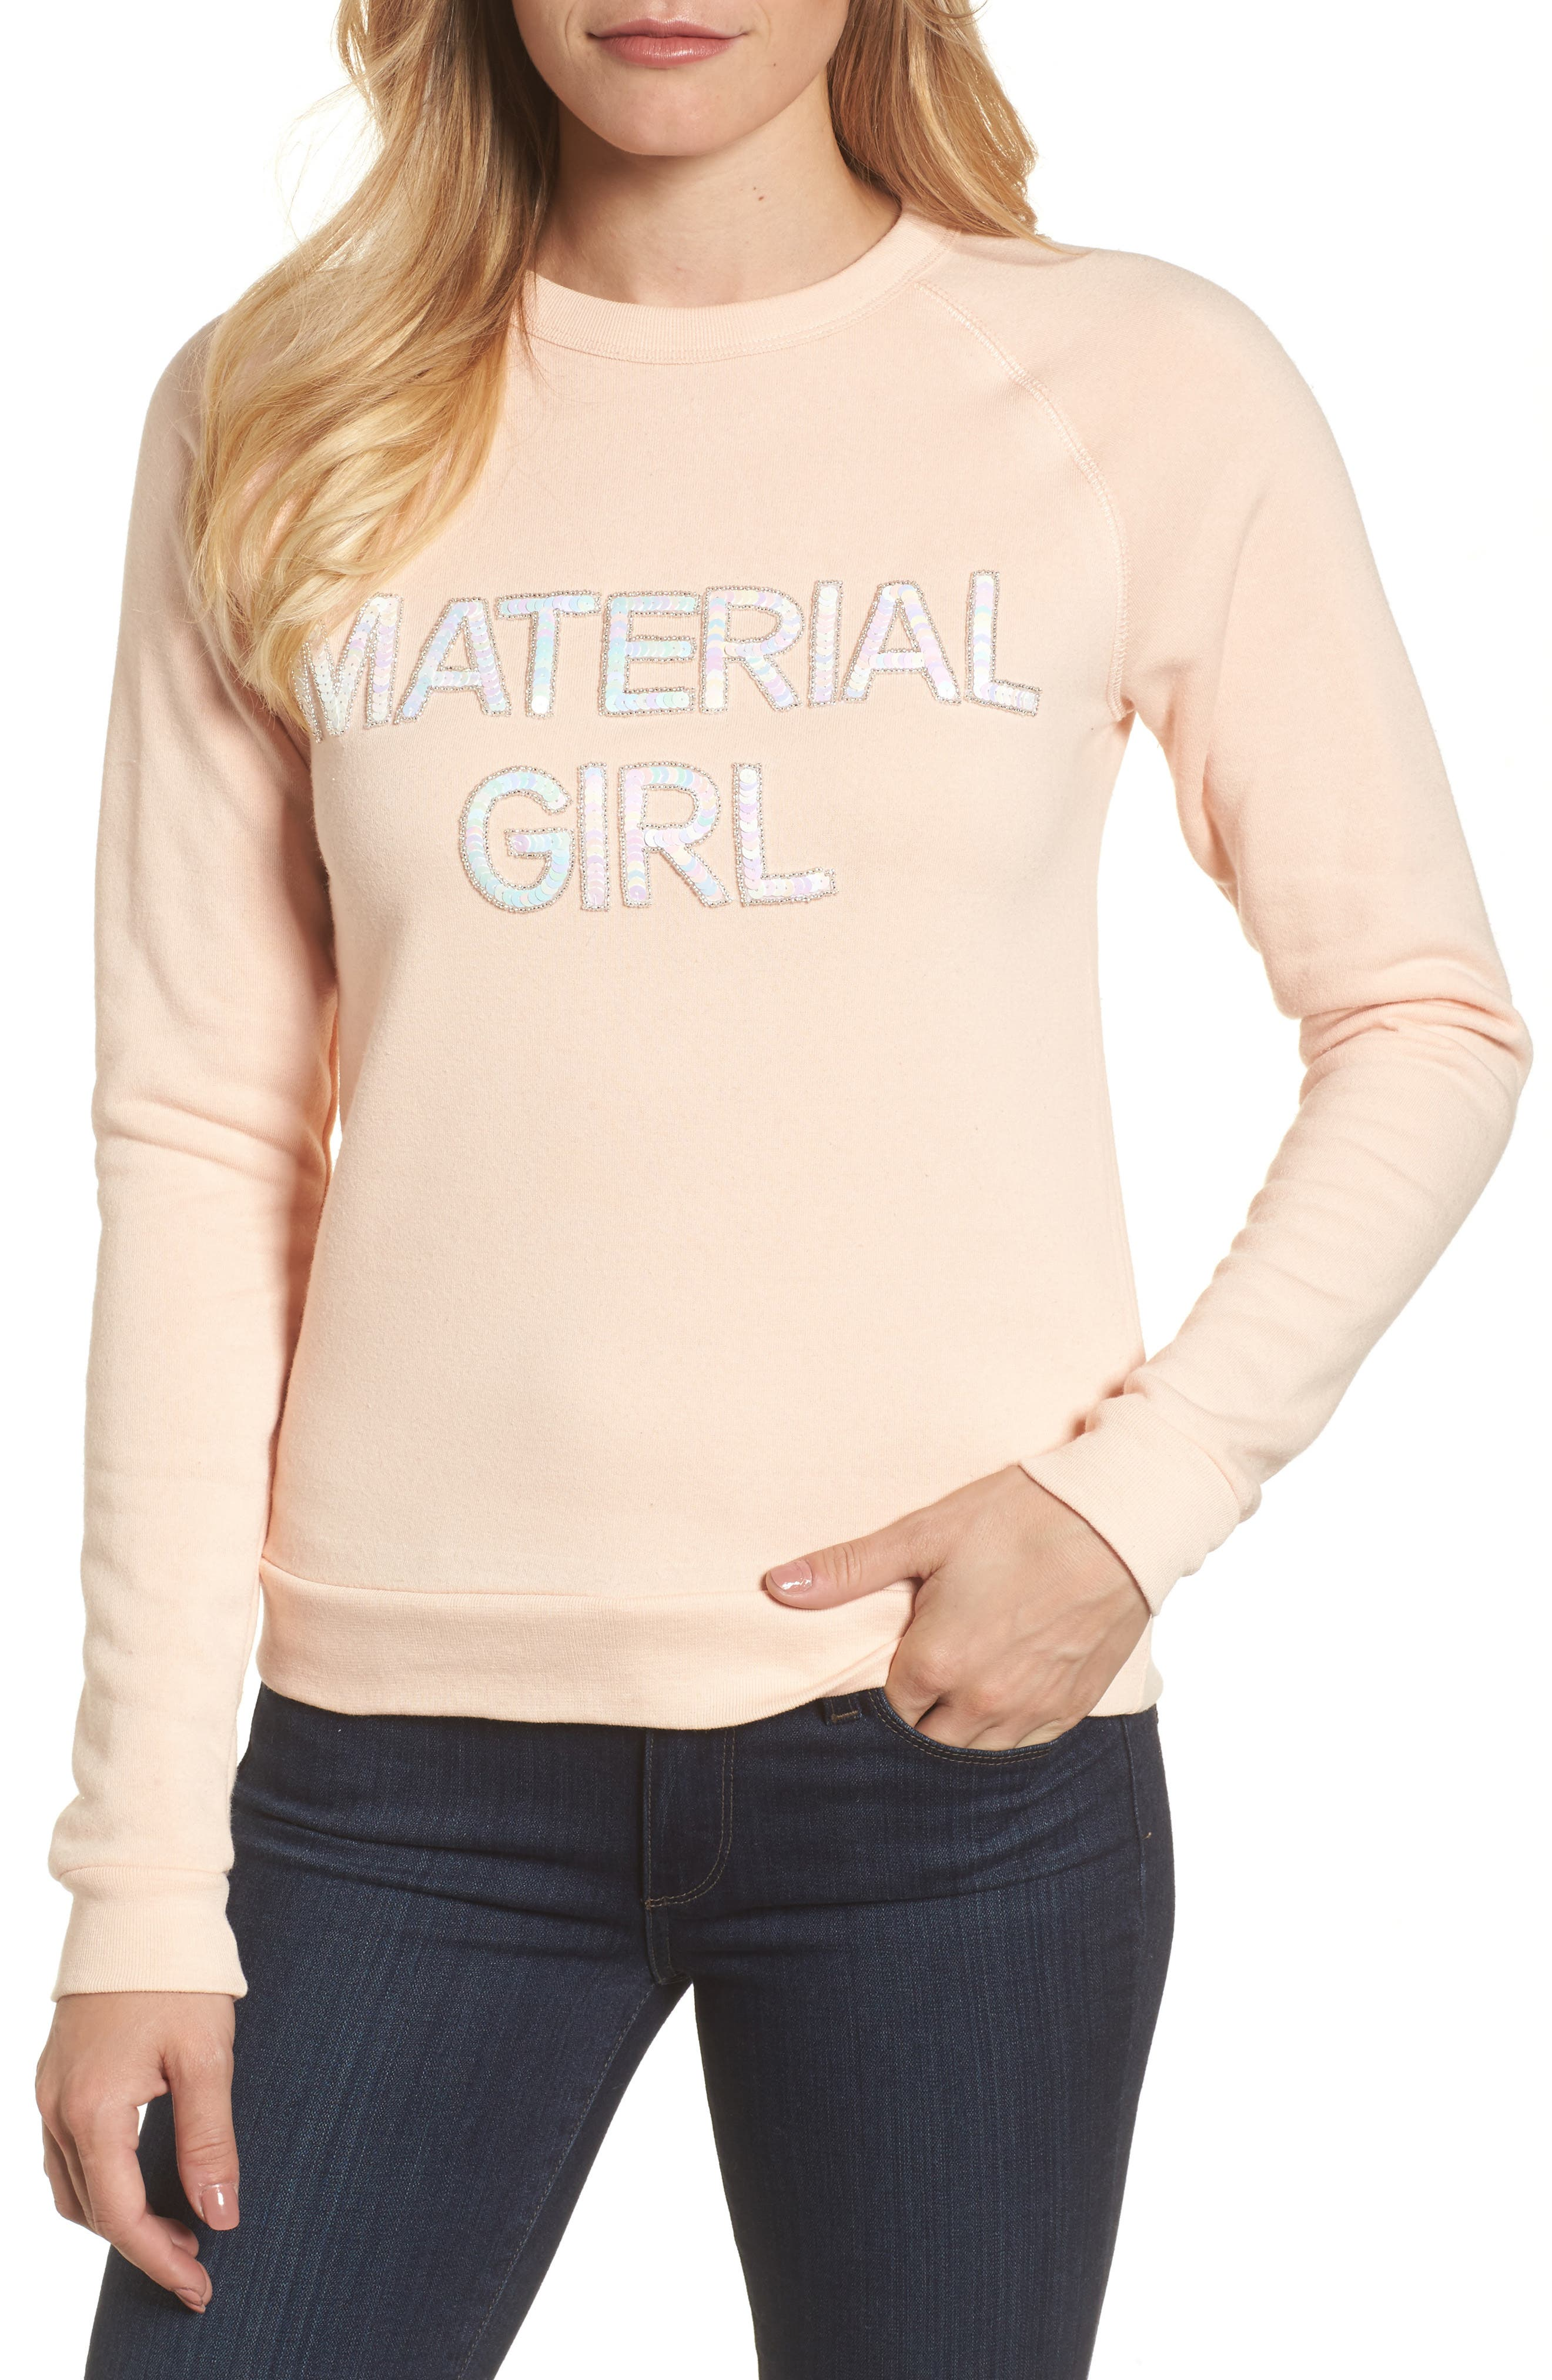 Material Girl Sweatshirt,                         Main,                         color, Blush